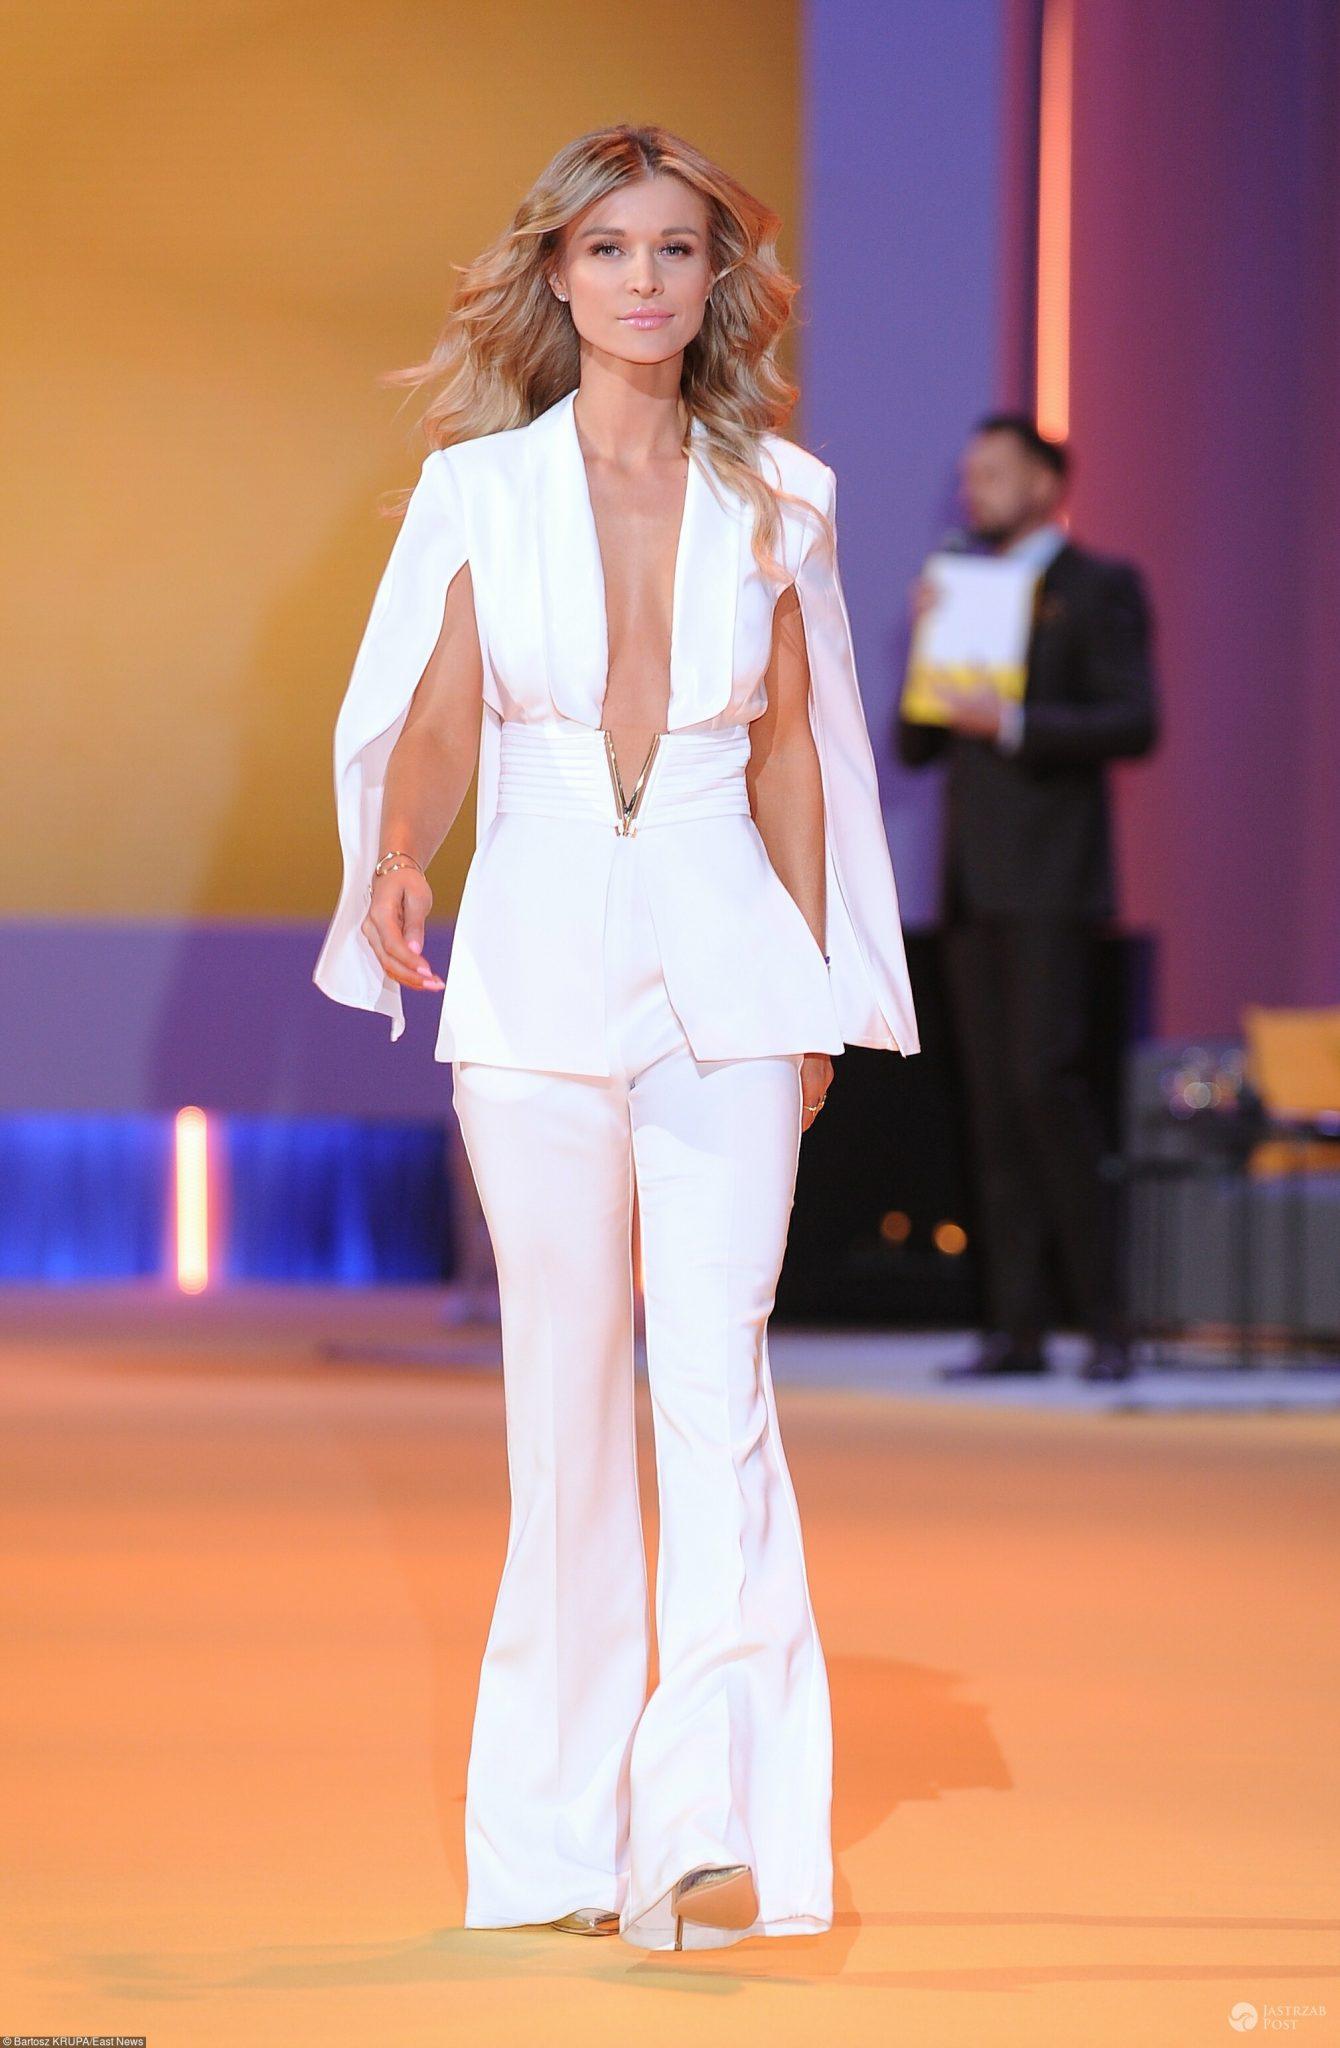 Joanna Krupa - wiosenna ramówka TVN 2017